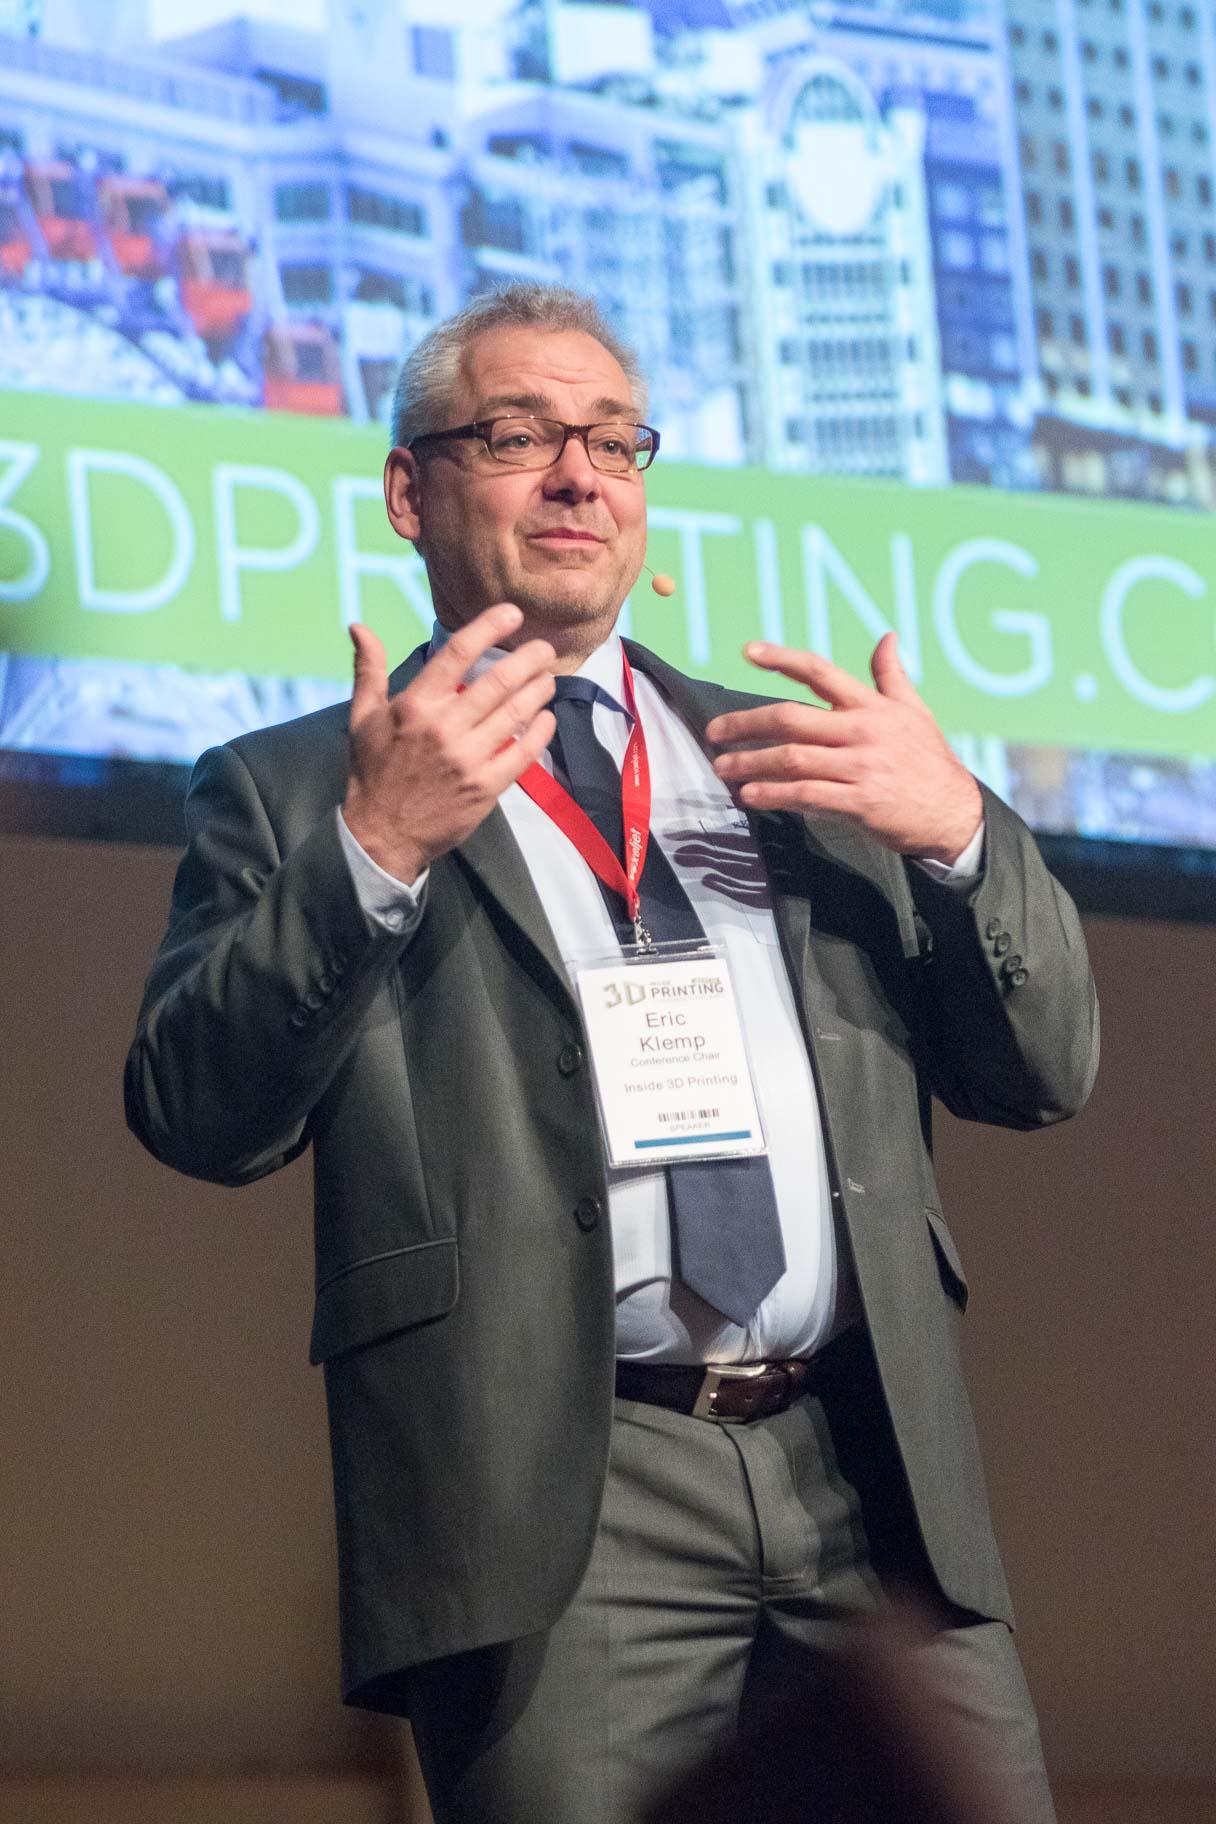 ^ Großer Zulauf bei Fachkonferenz zu additiven Fertigungsverfahren ...